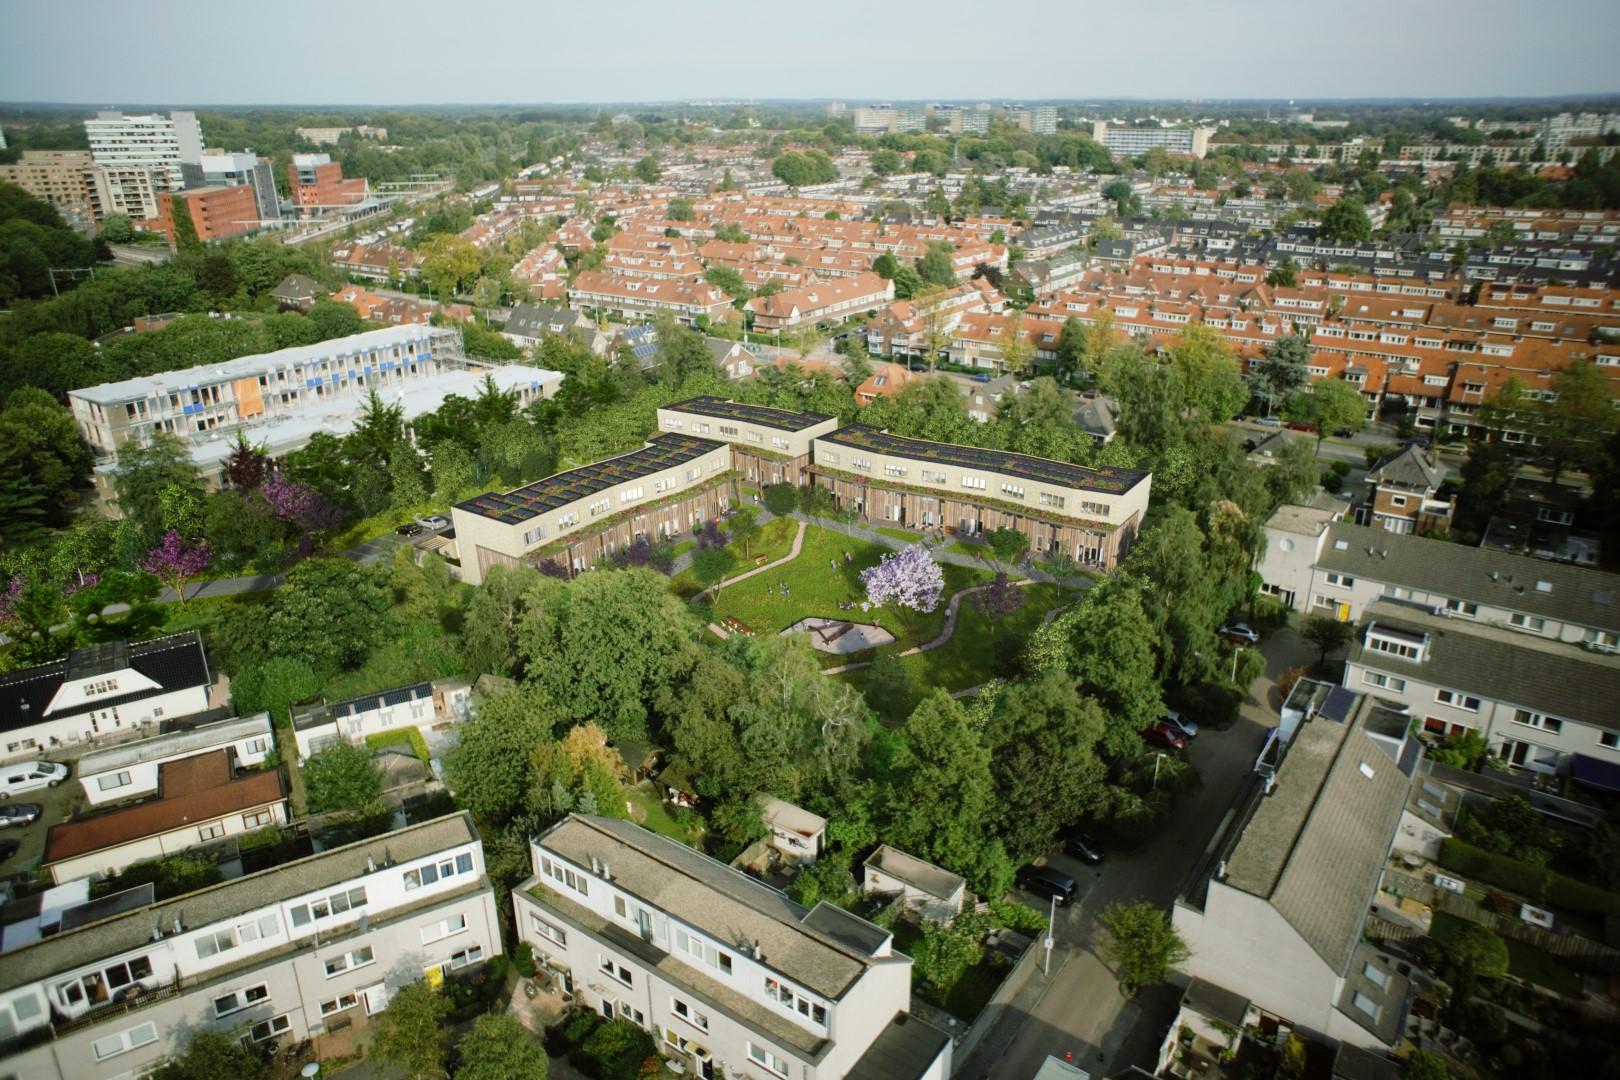 Van LieflandPARK